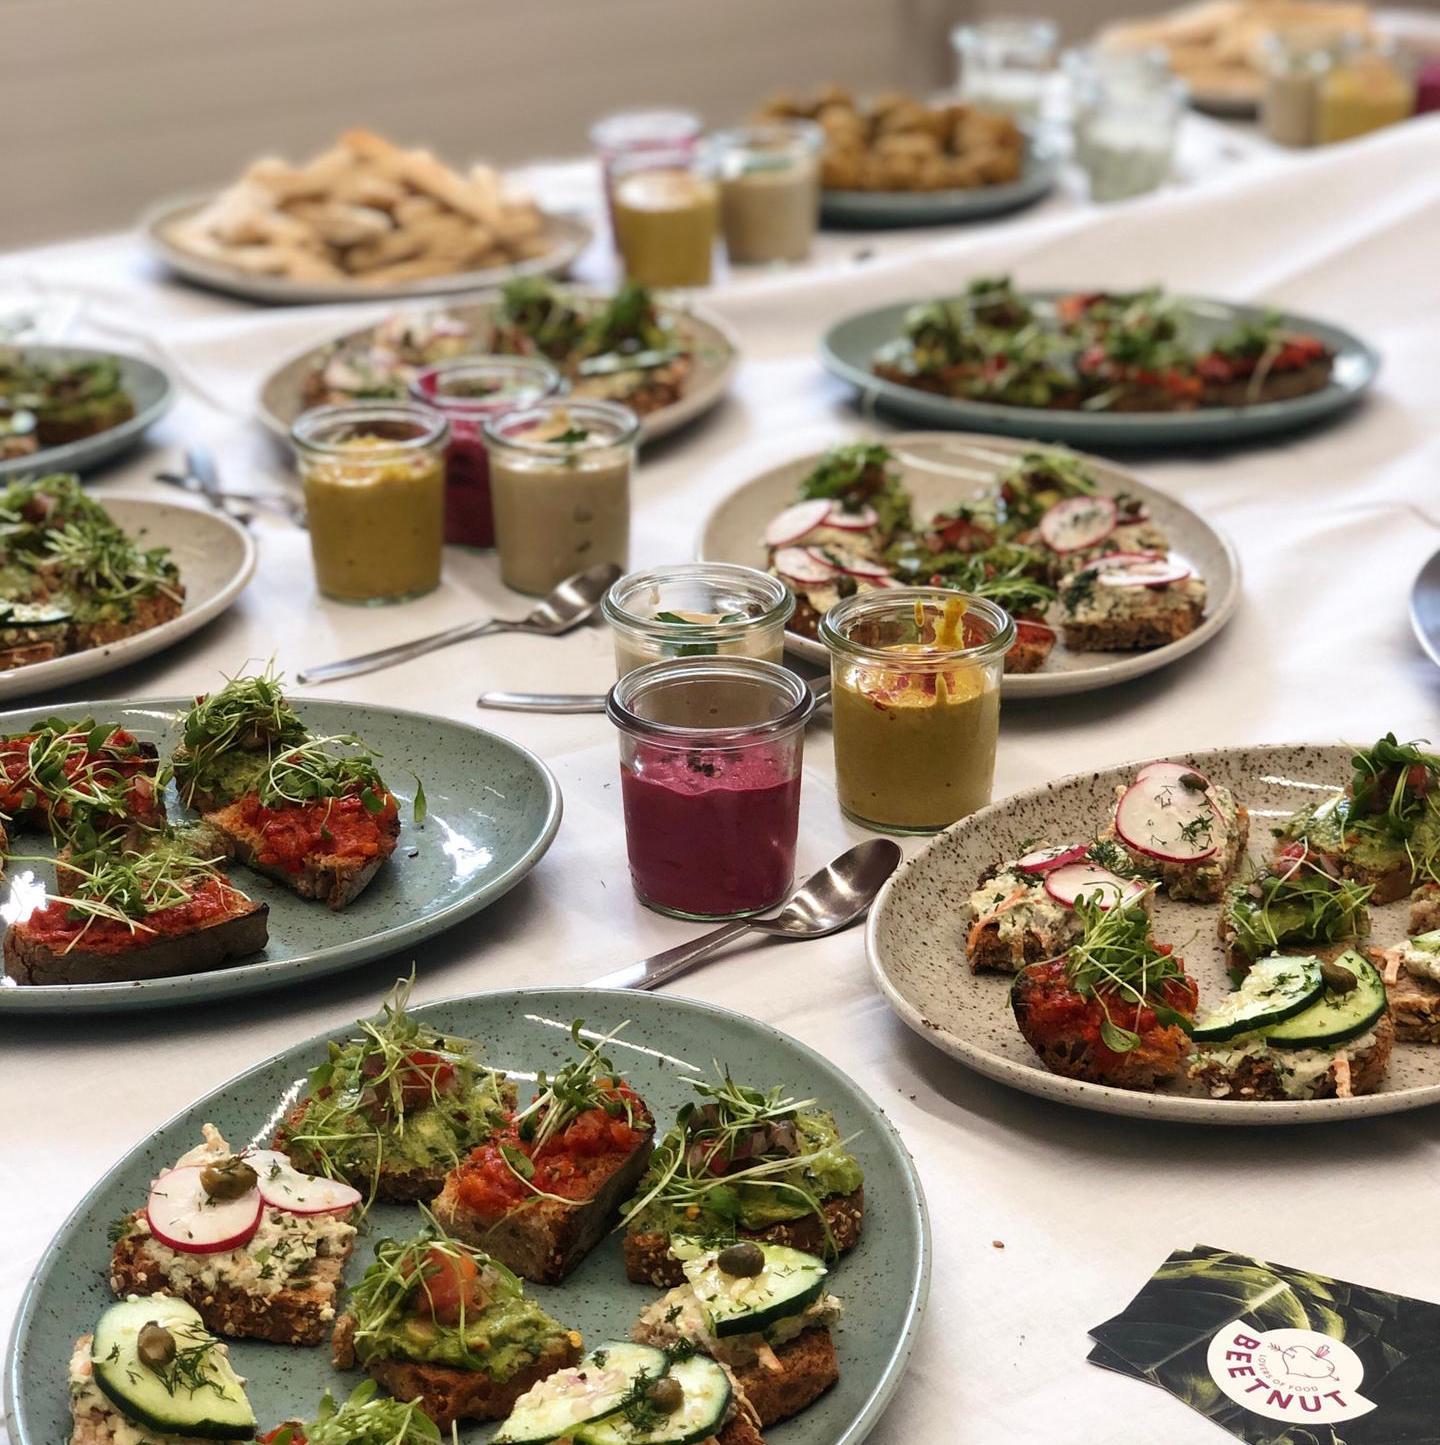 Offertenanfrage für BEETNUT Catering